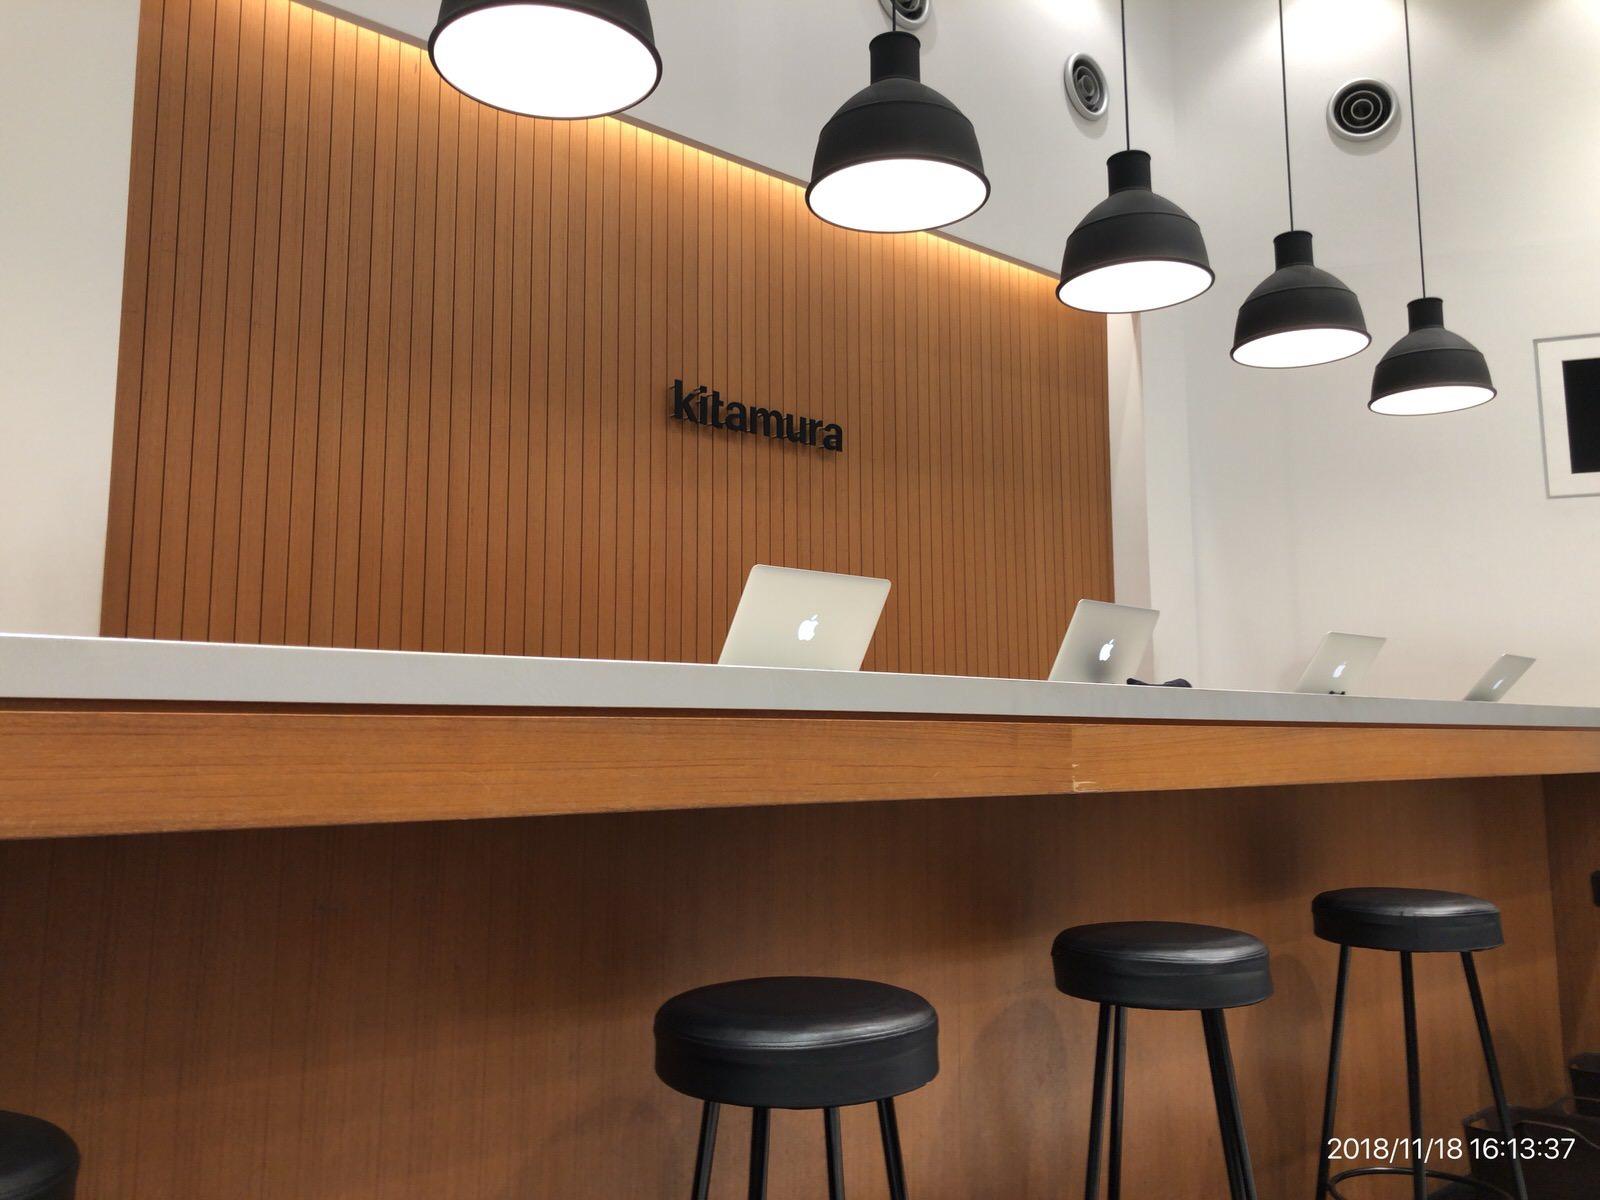 Apple正規サービスプロバイダーカメラのキタムラ-5